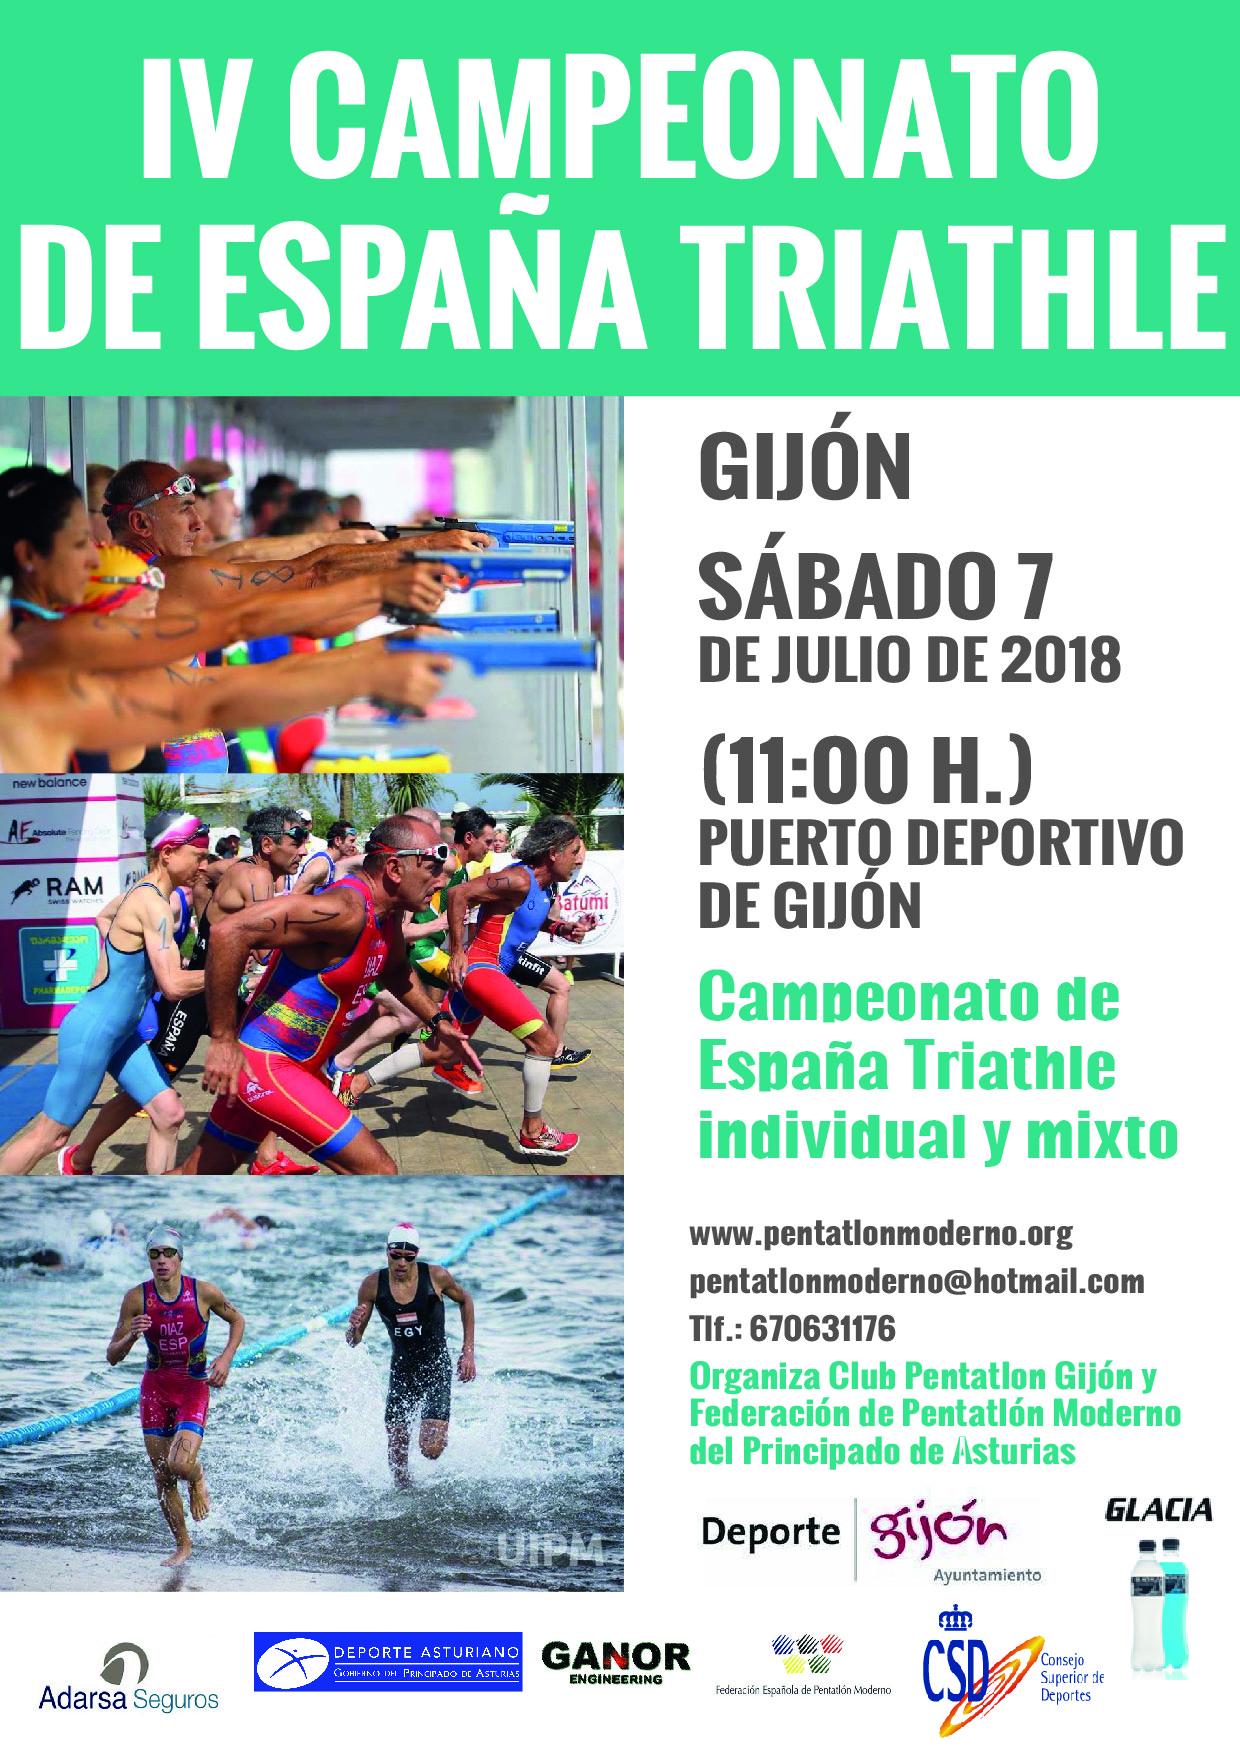 Campeonato España Triatle (Gijon 7/7/18)